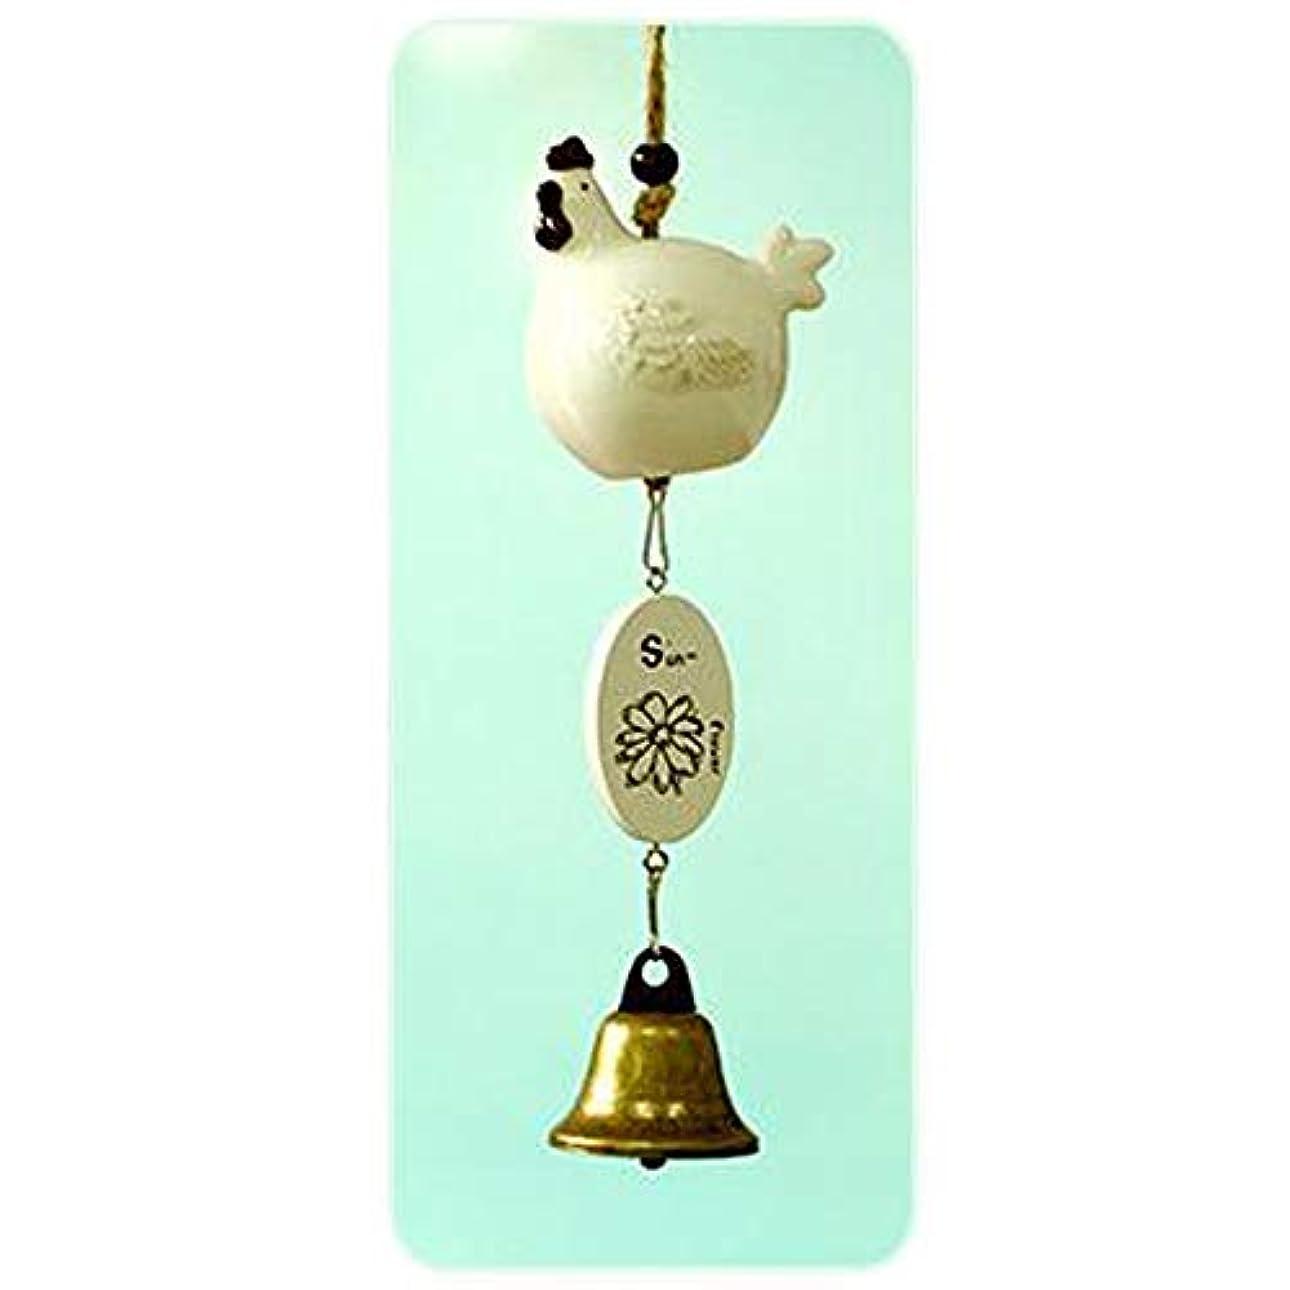 委任散らす啓示Jingfengtongxun 風チャイム、セラミック風チャイム漫画の動物、ホワイト、全長約20cm,スタイリッシュなホリデーギフト (Color : D)